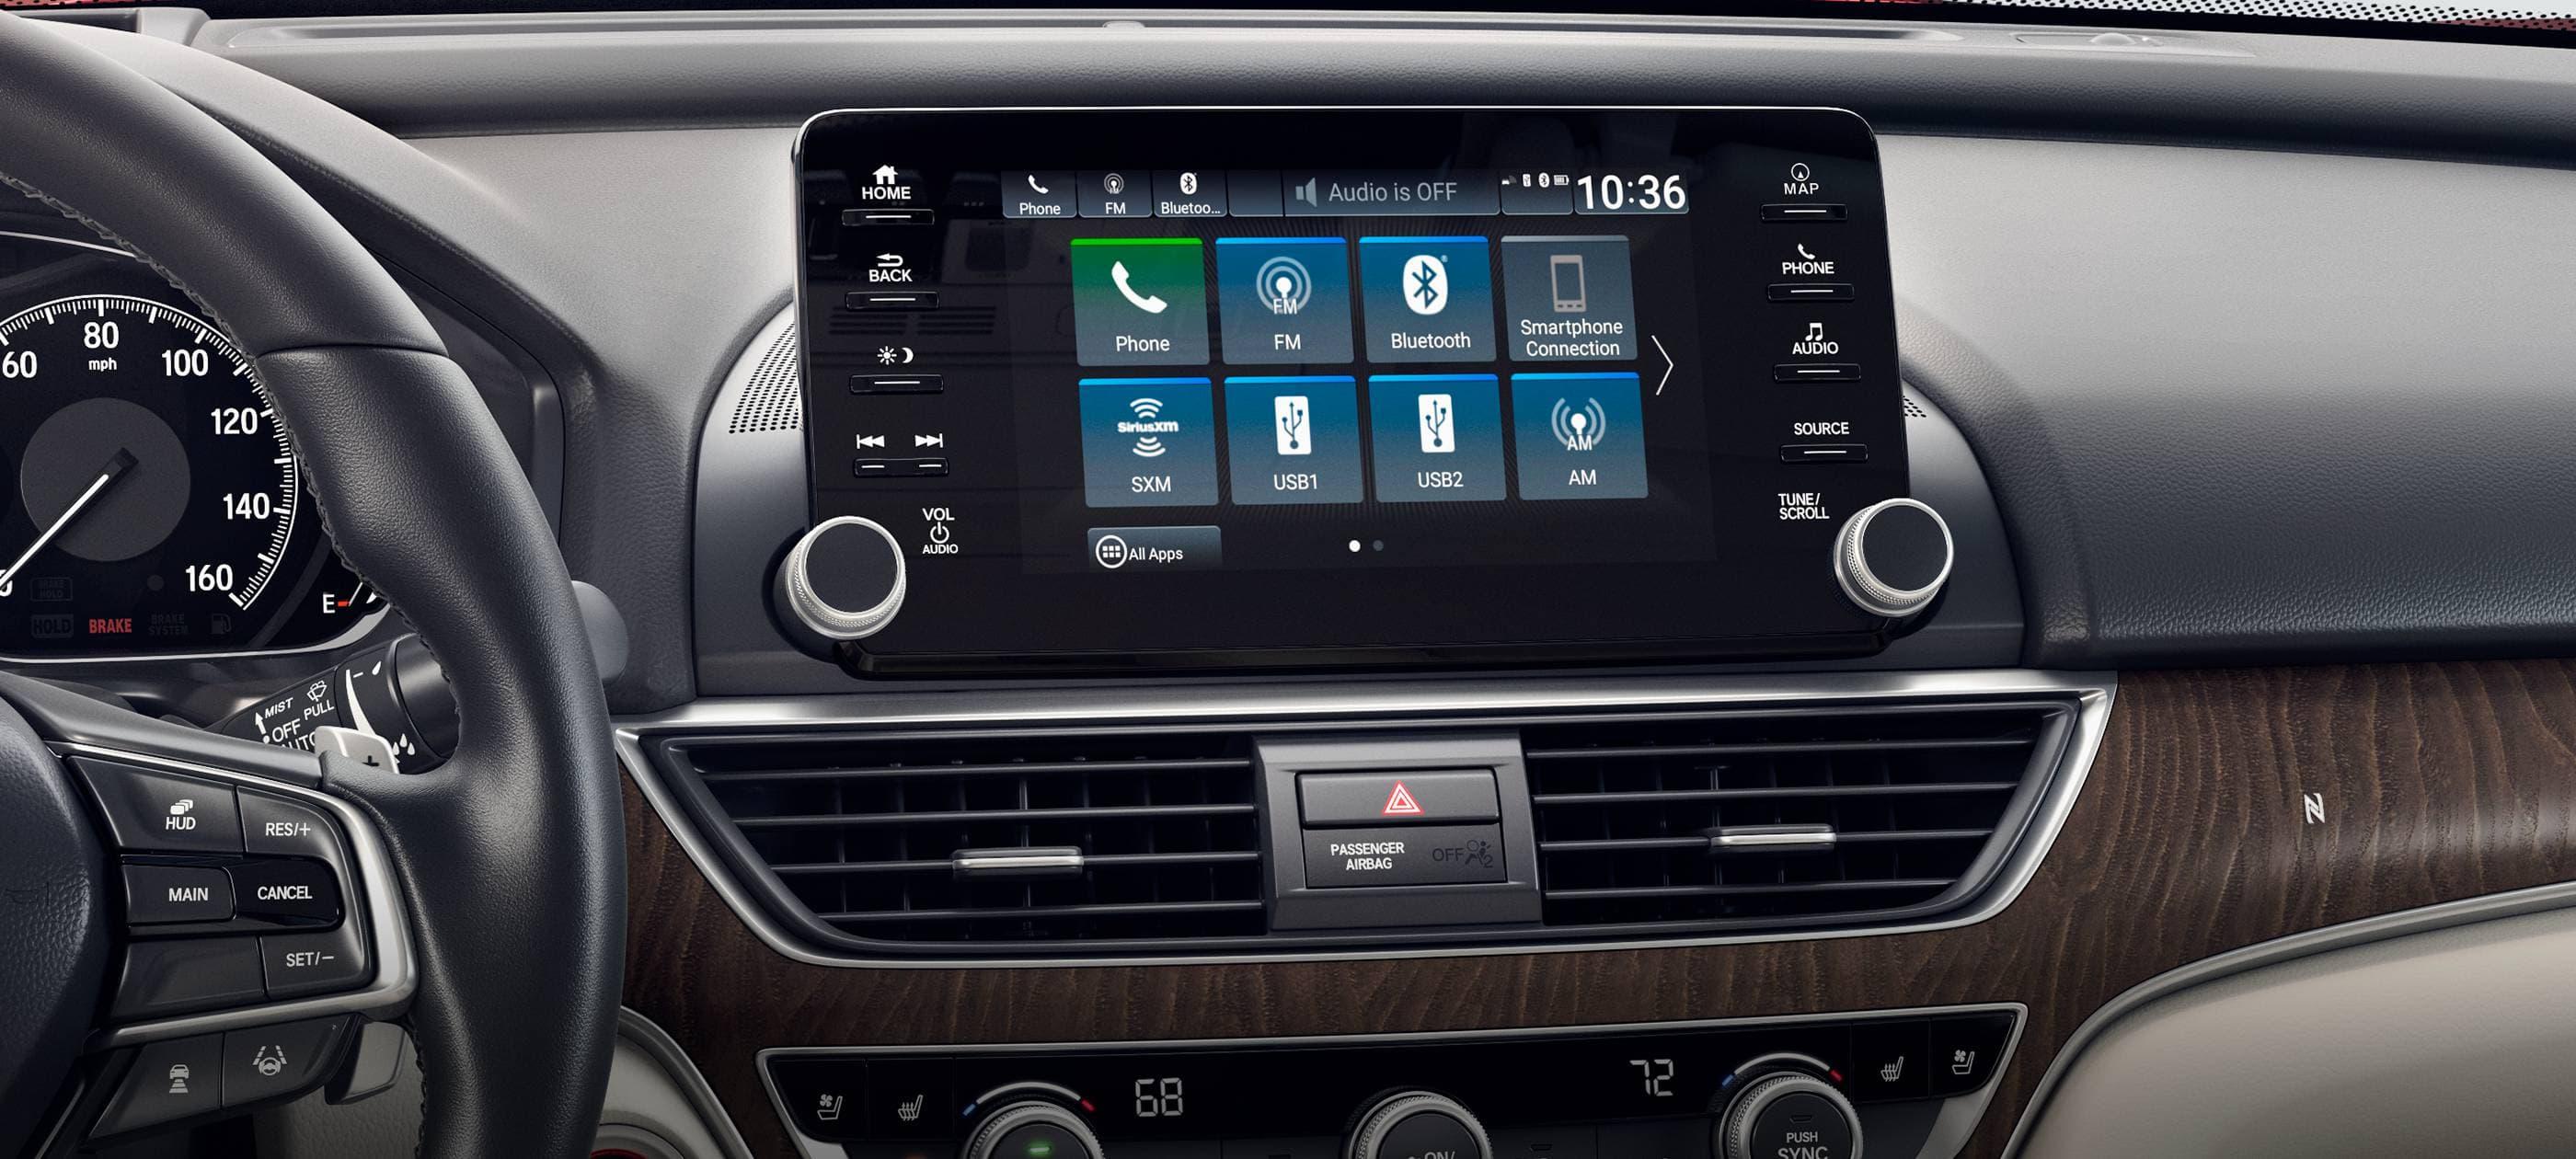 Premium Audio System